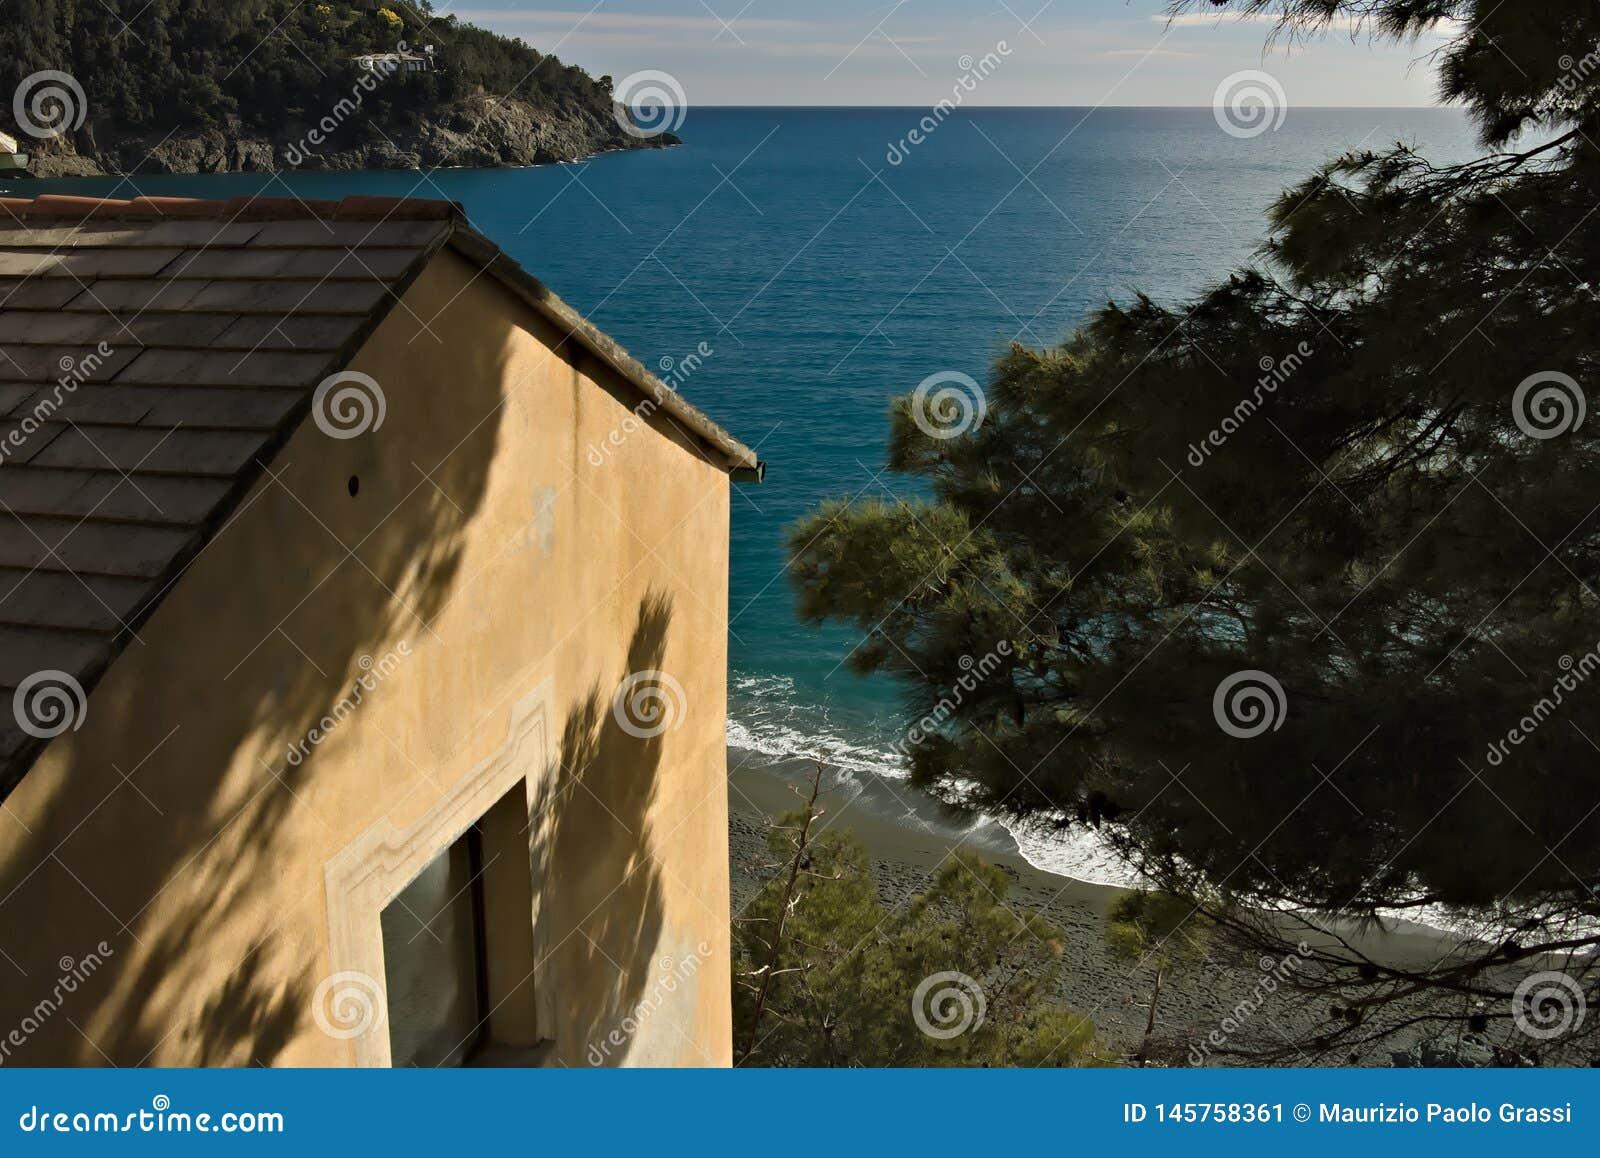 Maison méditerranéenne à la mer de Cinque Terre Une maison méditerranéenne typique dans un village ligurien Bonassola, province d